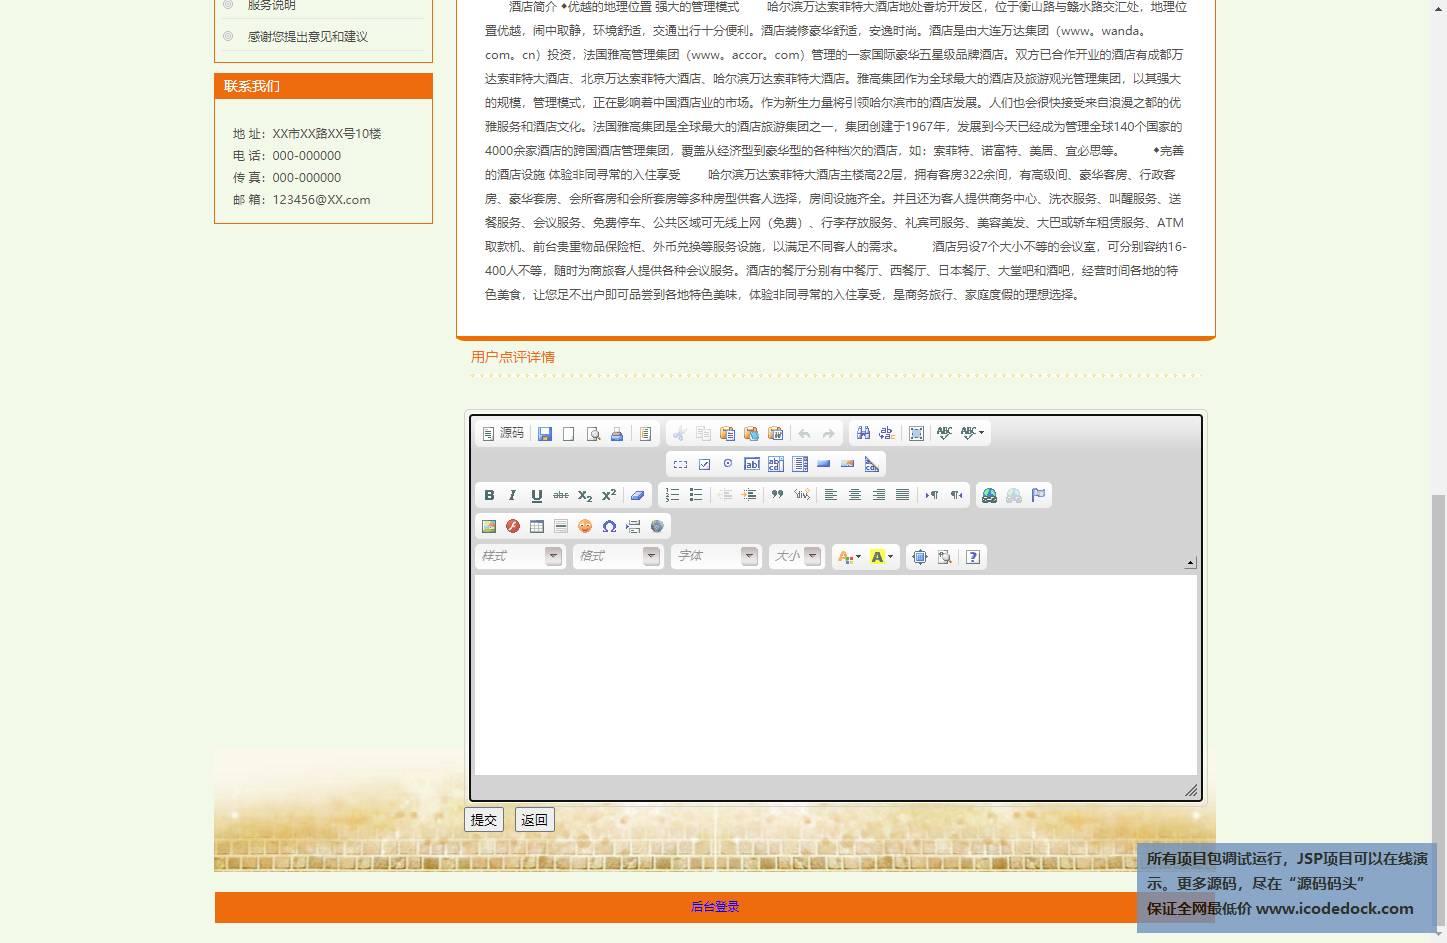 源码码头-SSH实现在线旅游网站-用户角色-提交评论